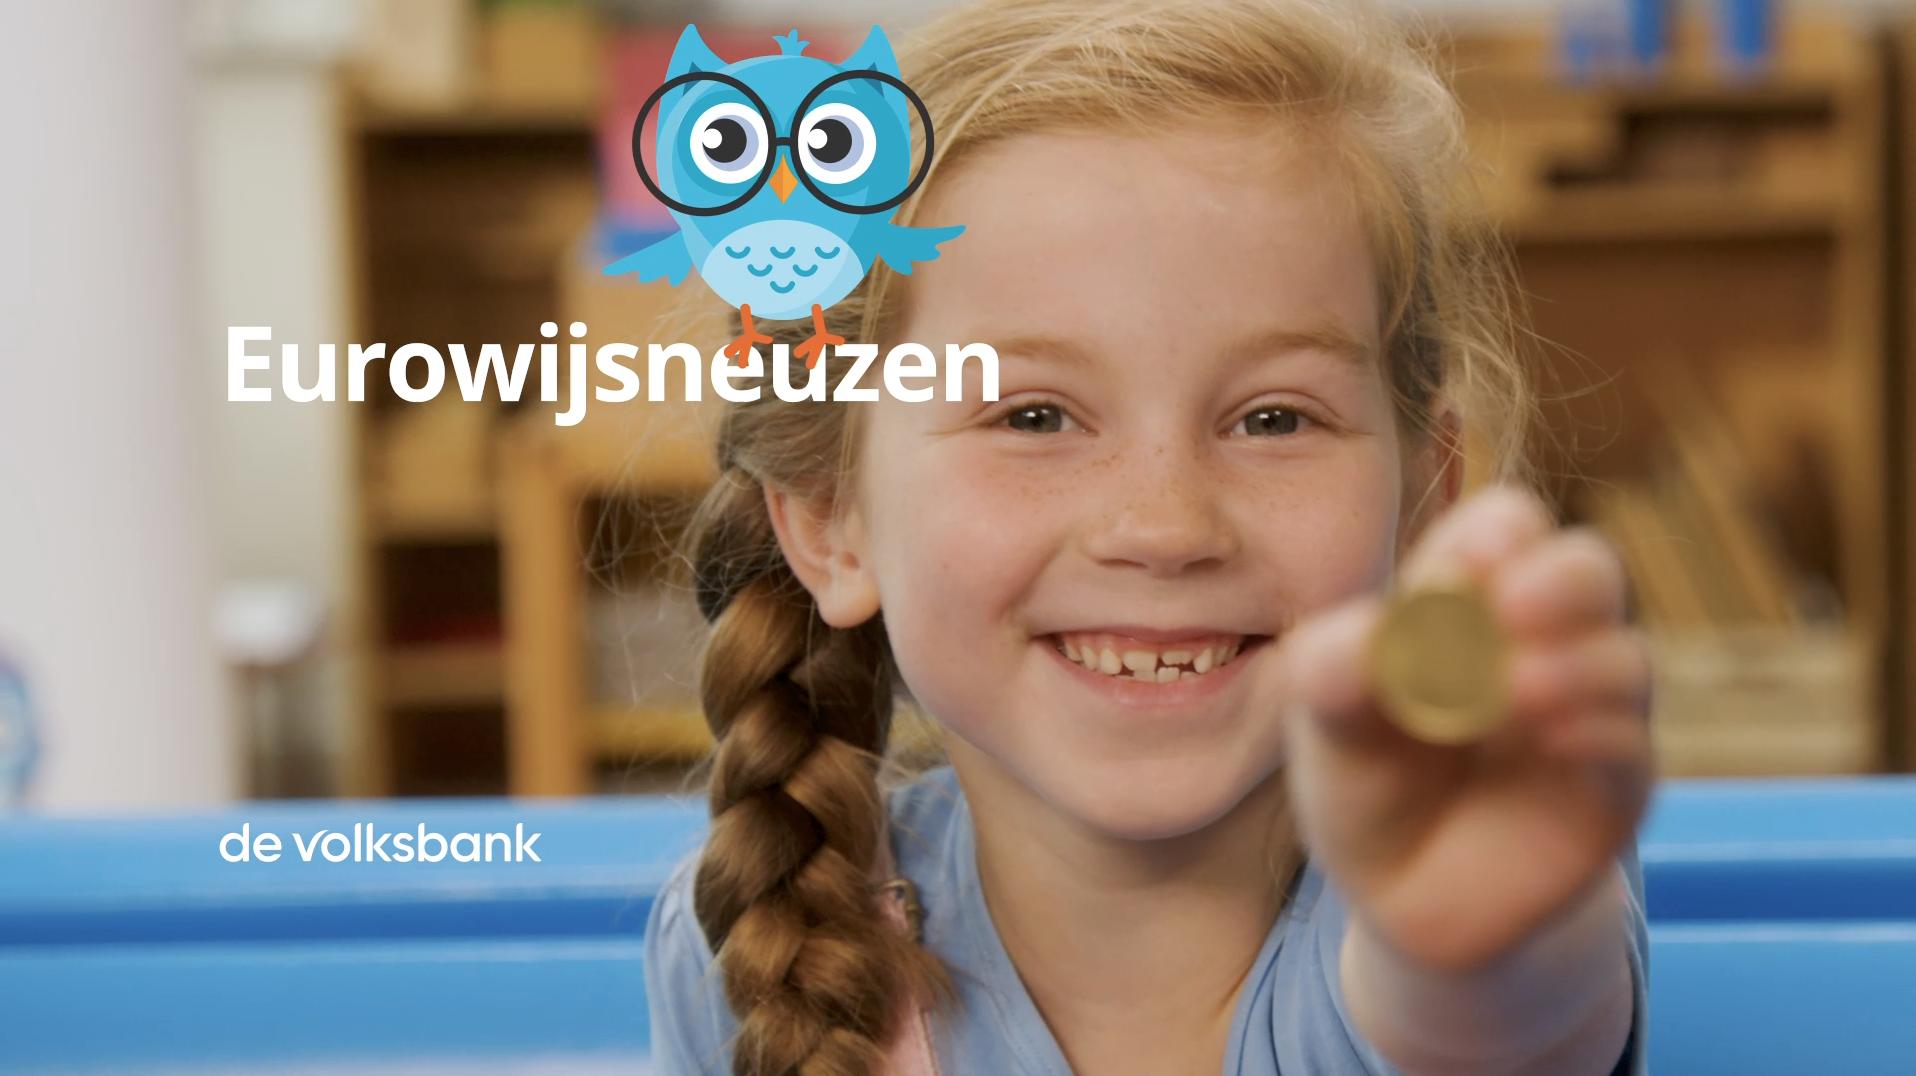 De Volksbank – Eurowijsneuzen